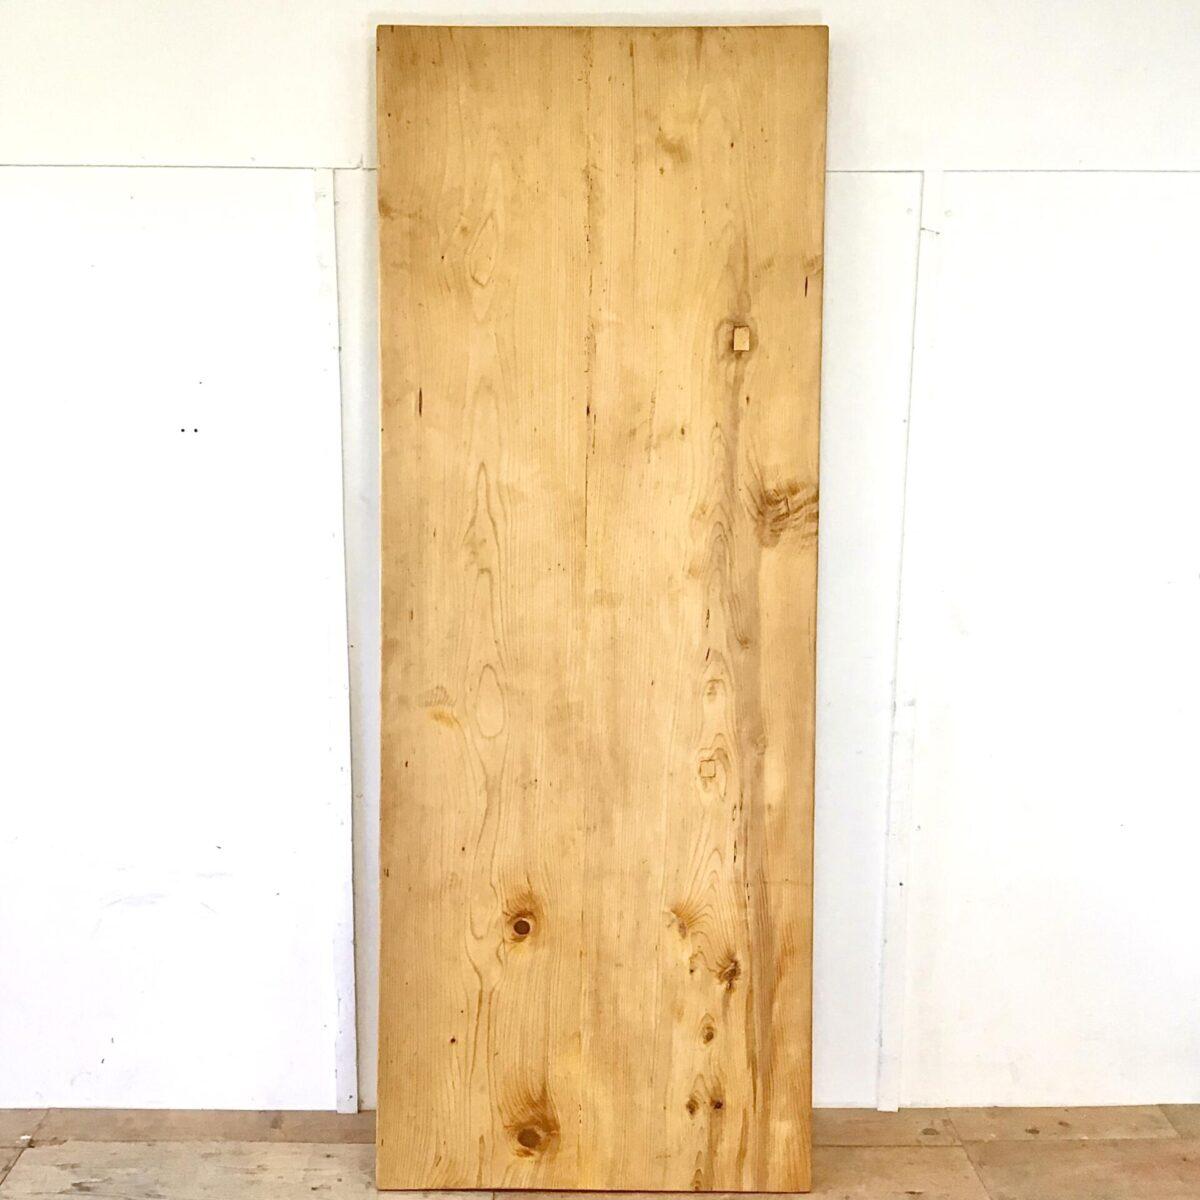 Frisch Aufbereiteter Biedermeiertisch aus Tannenholz. 232x88cm Höhe 77cm. Dieser Esstisch zeichnet sich durch seine praktische Grösse aus, vorallem die grosszügige Tiefe von 88cm ist bei den alten Biedermeier Tischen schwieriger zu finden. Auch das Tischblatt, bestehend aus nur zwei breiten Brettern, hat einen gewissen Seltenheitswert. Auf der Unterseite ist deutlich das Alter zu sehen, durch die Handgehobelte Struktur. Die Holzoberflächen sind mit Naturöl behandelt.